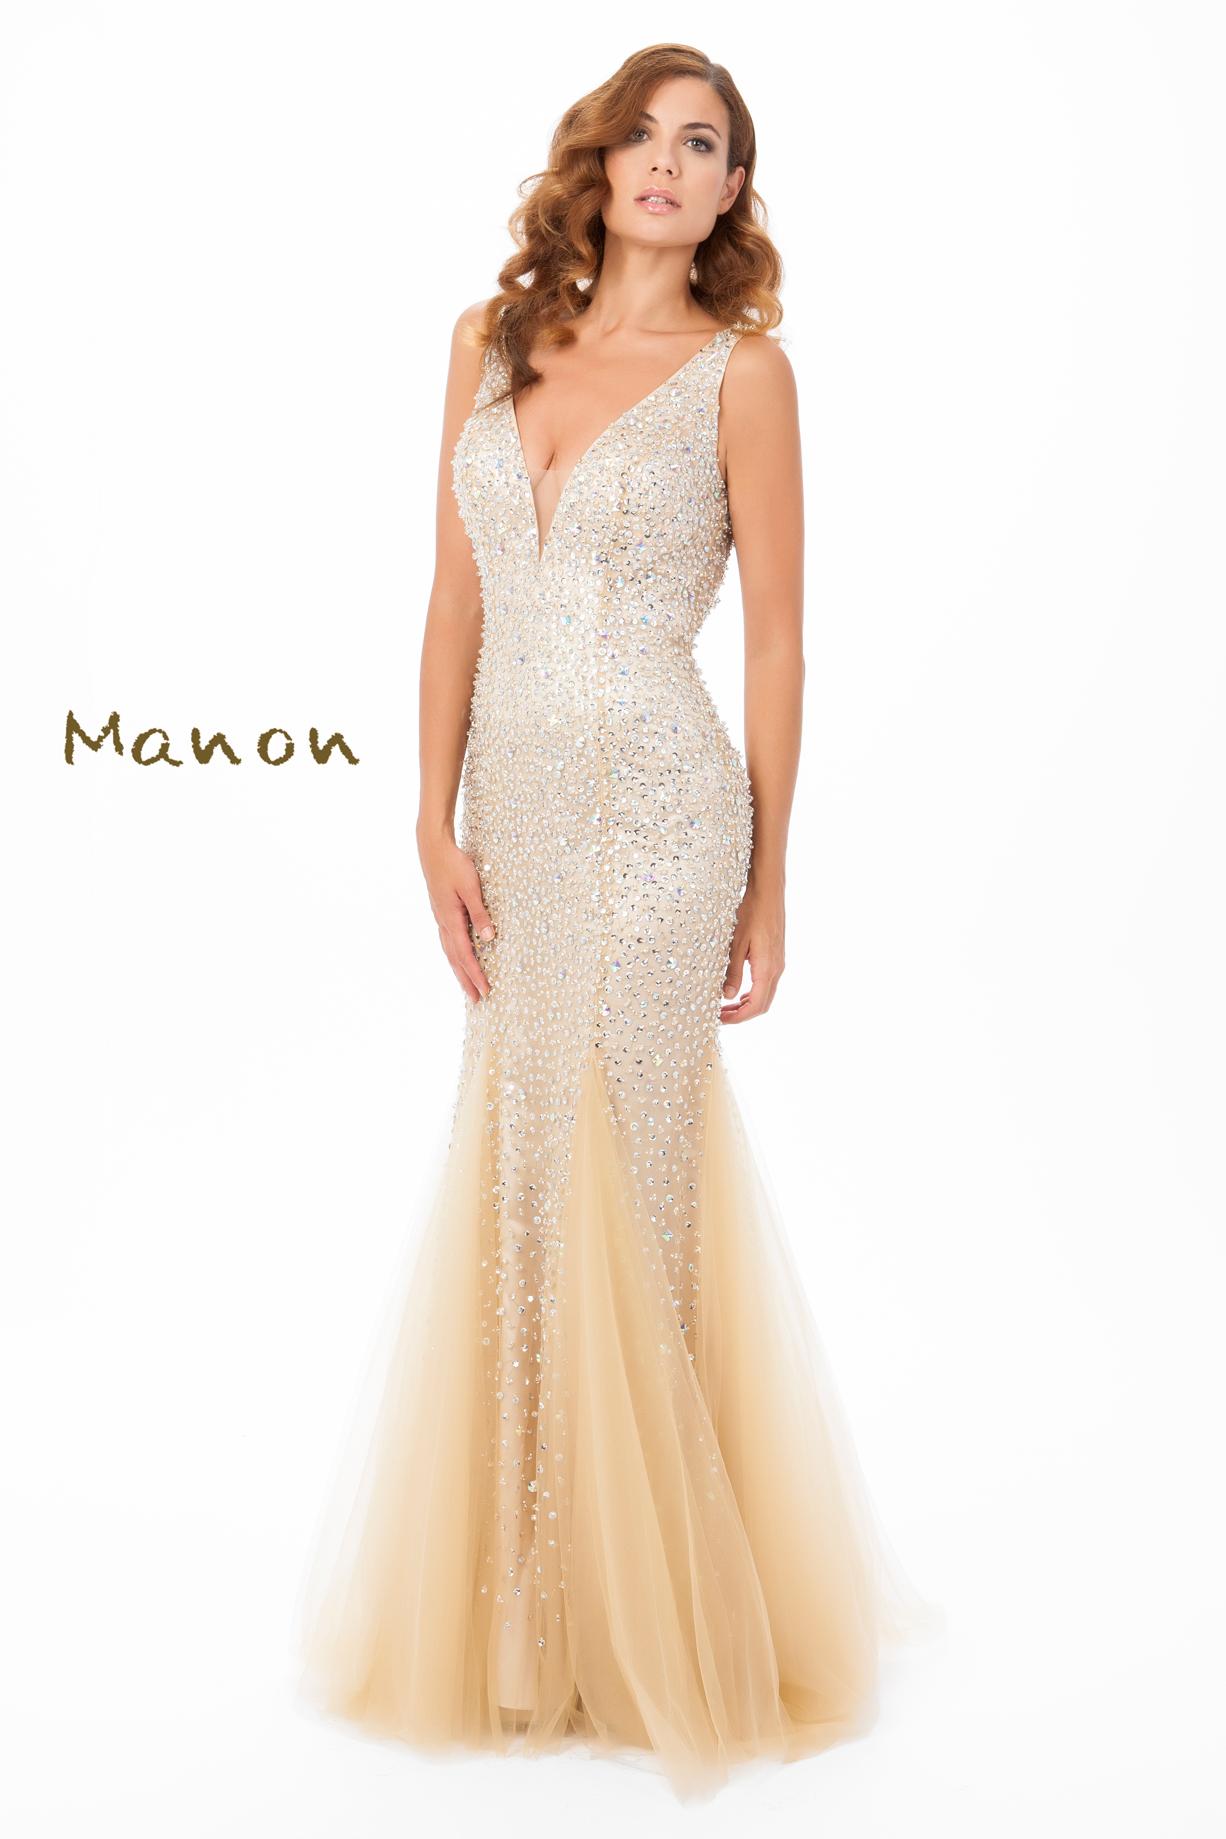 Atemberaubend Manon Prom Kleider Fotos - Brautkleider Ideen ...